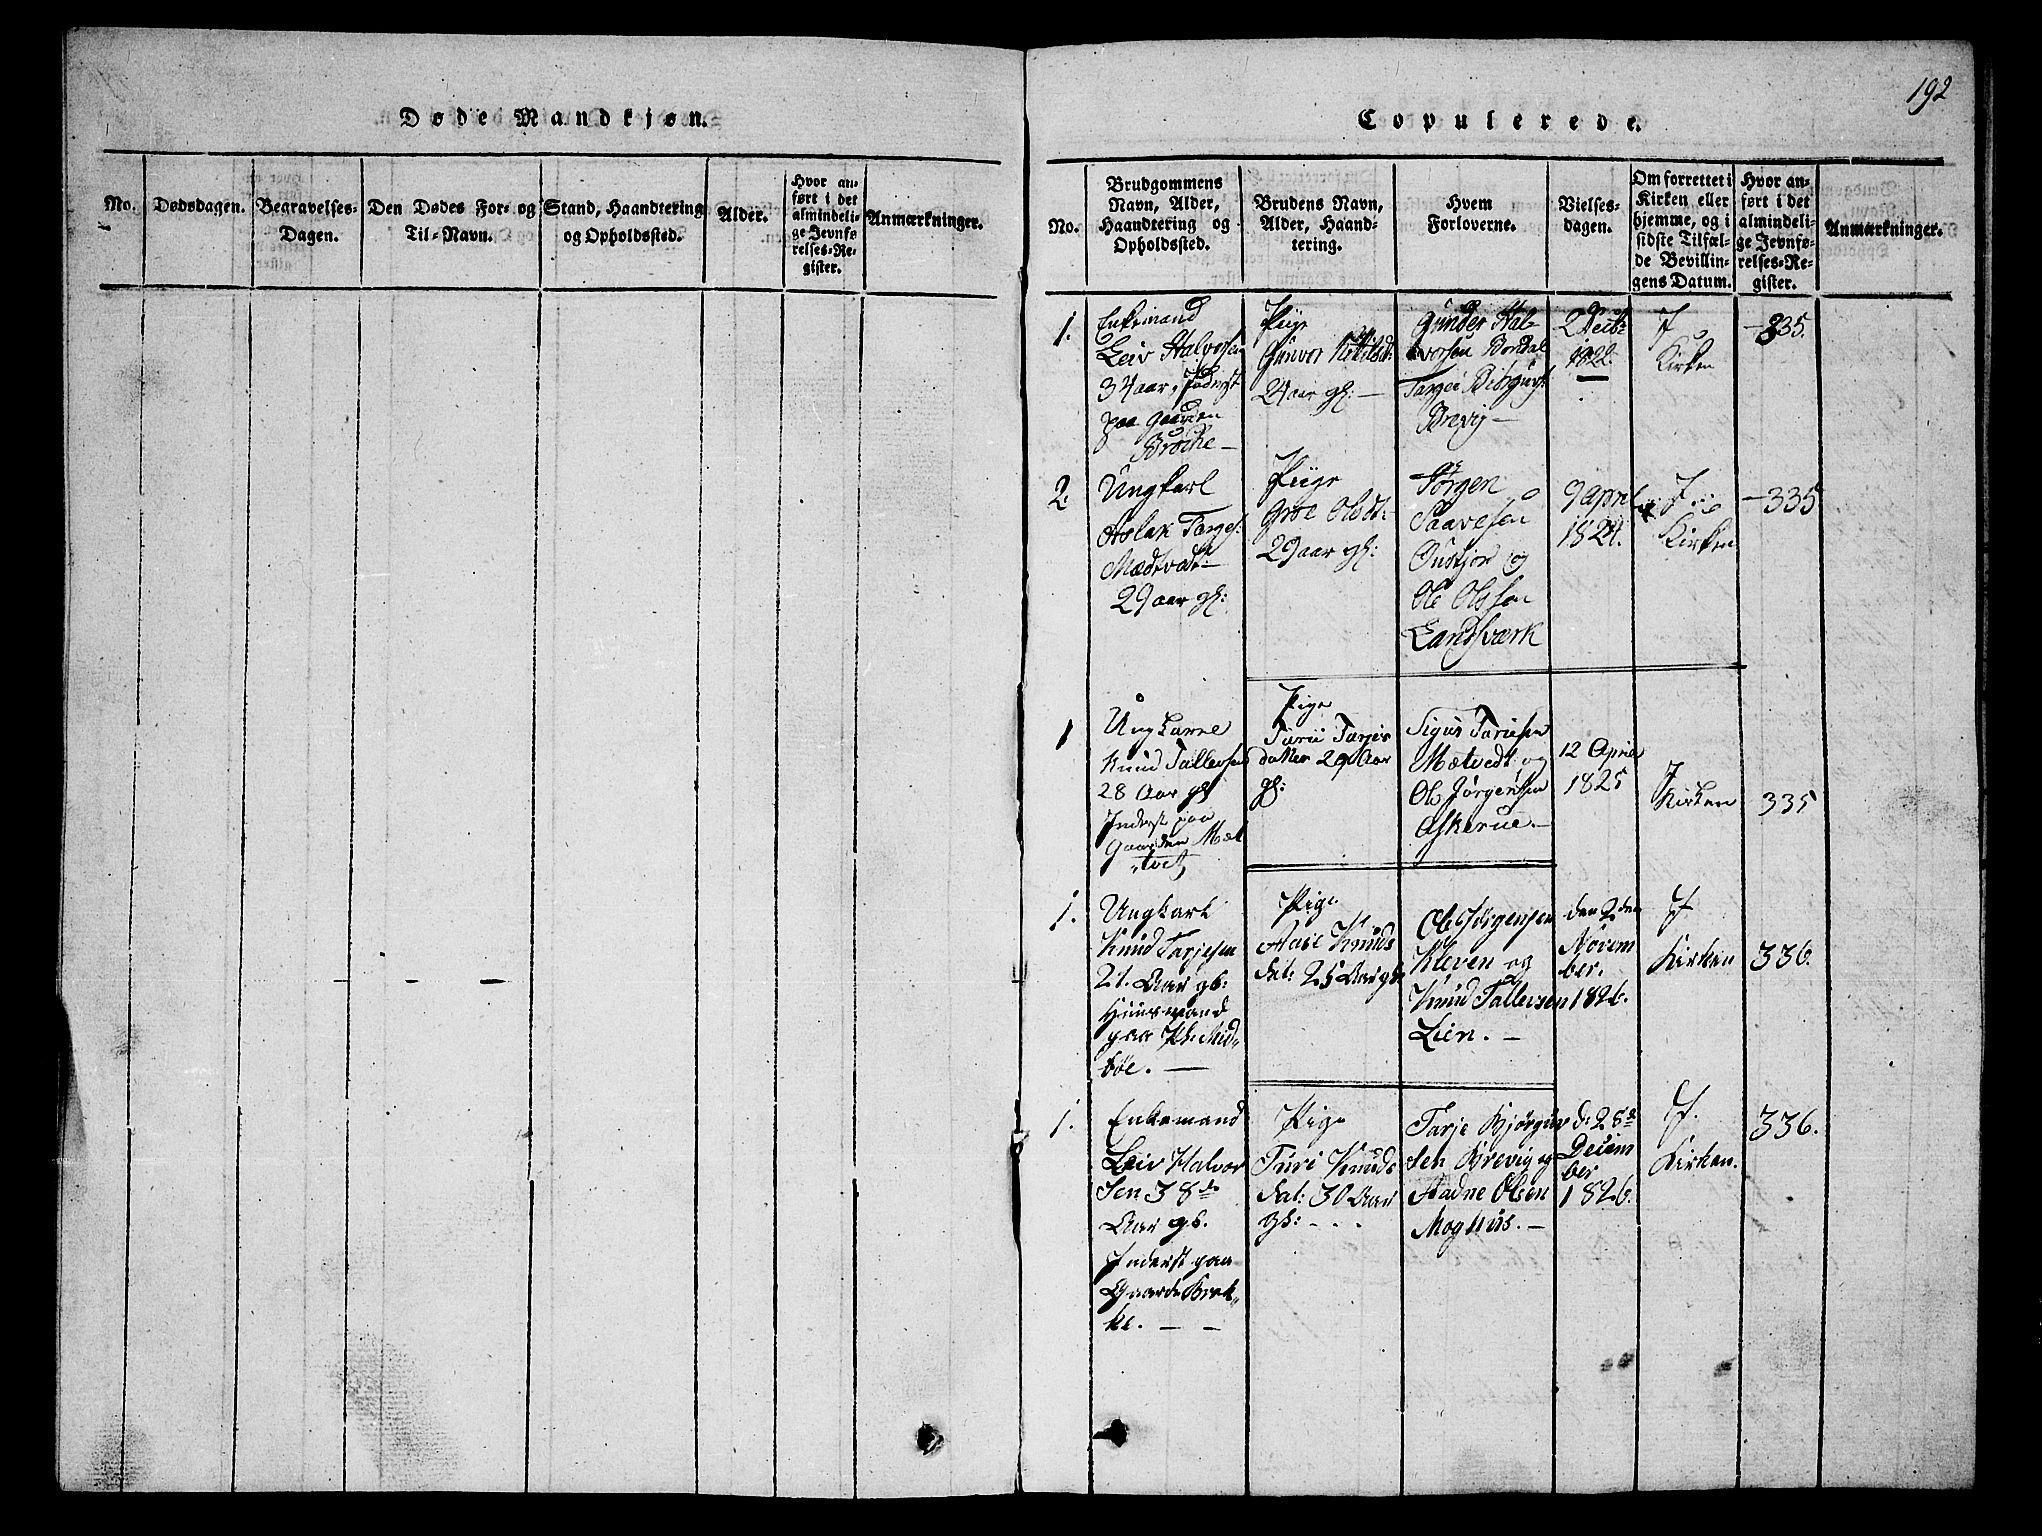 SAKO, Fyresdal kirkebøker, G/Ga/L0002: Klokkerbok nr. I 2, 1815-1857, s. 192